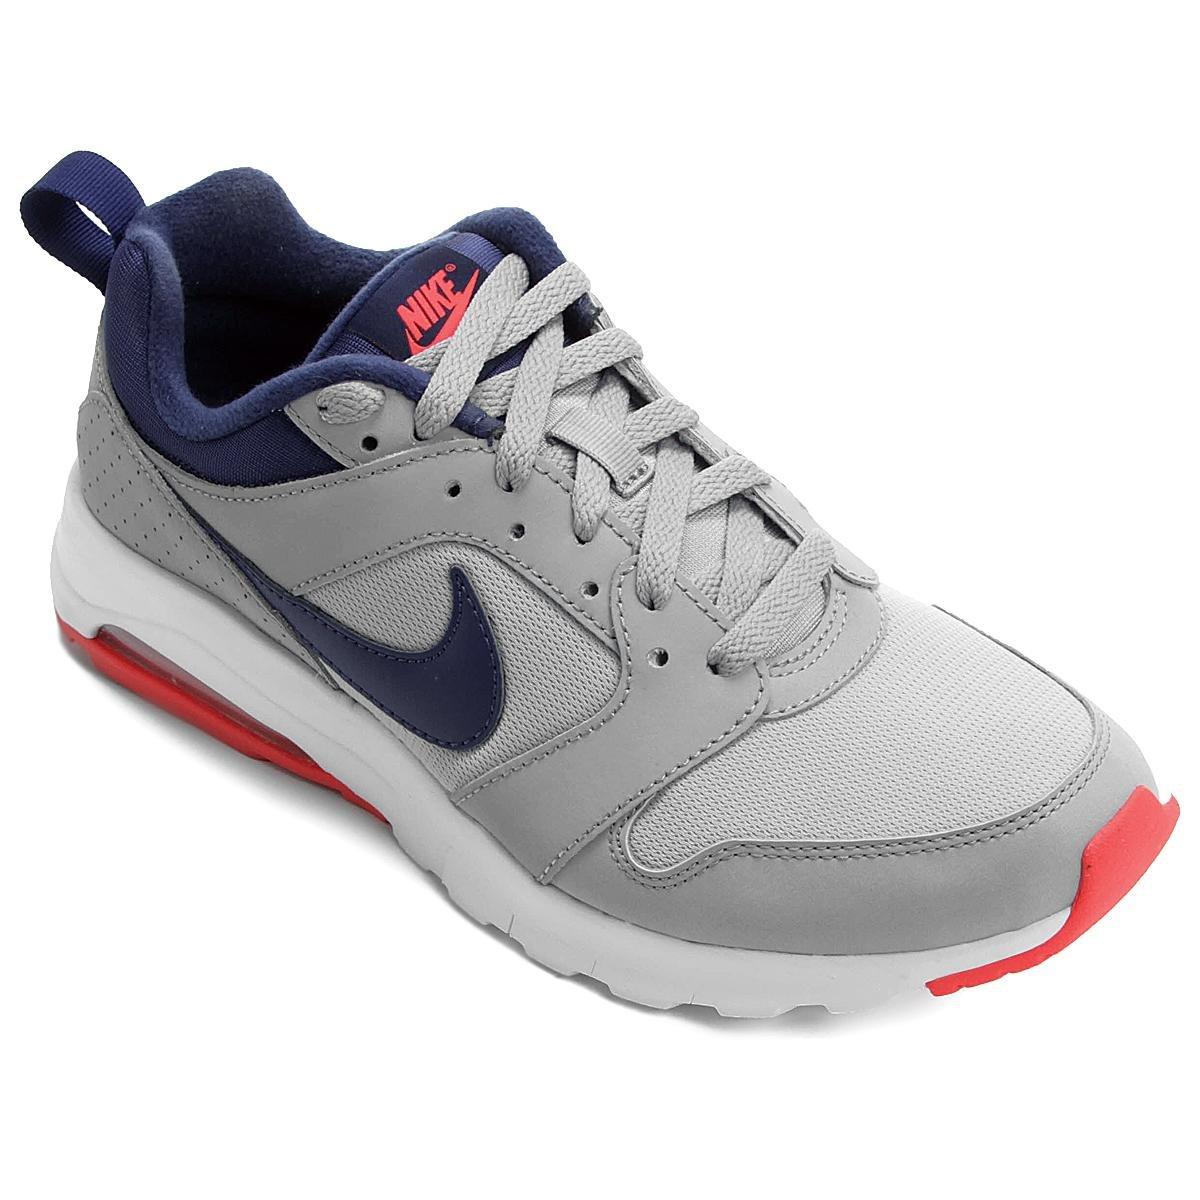 d39d4b6ce06 Tênis Nike Air Max Motion Masculino - Compre Agora